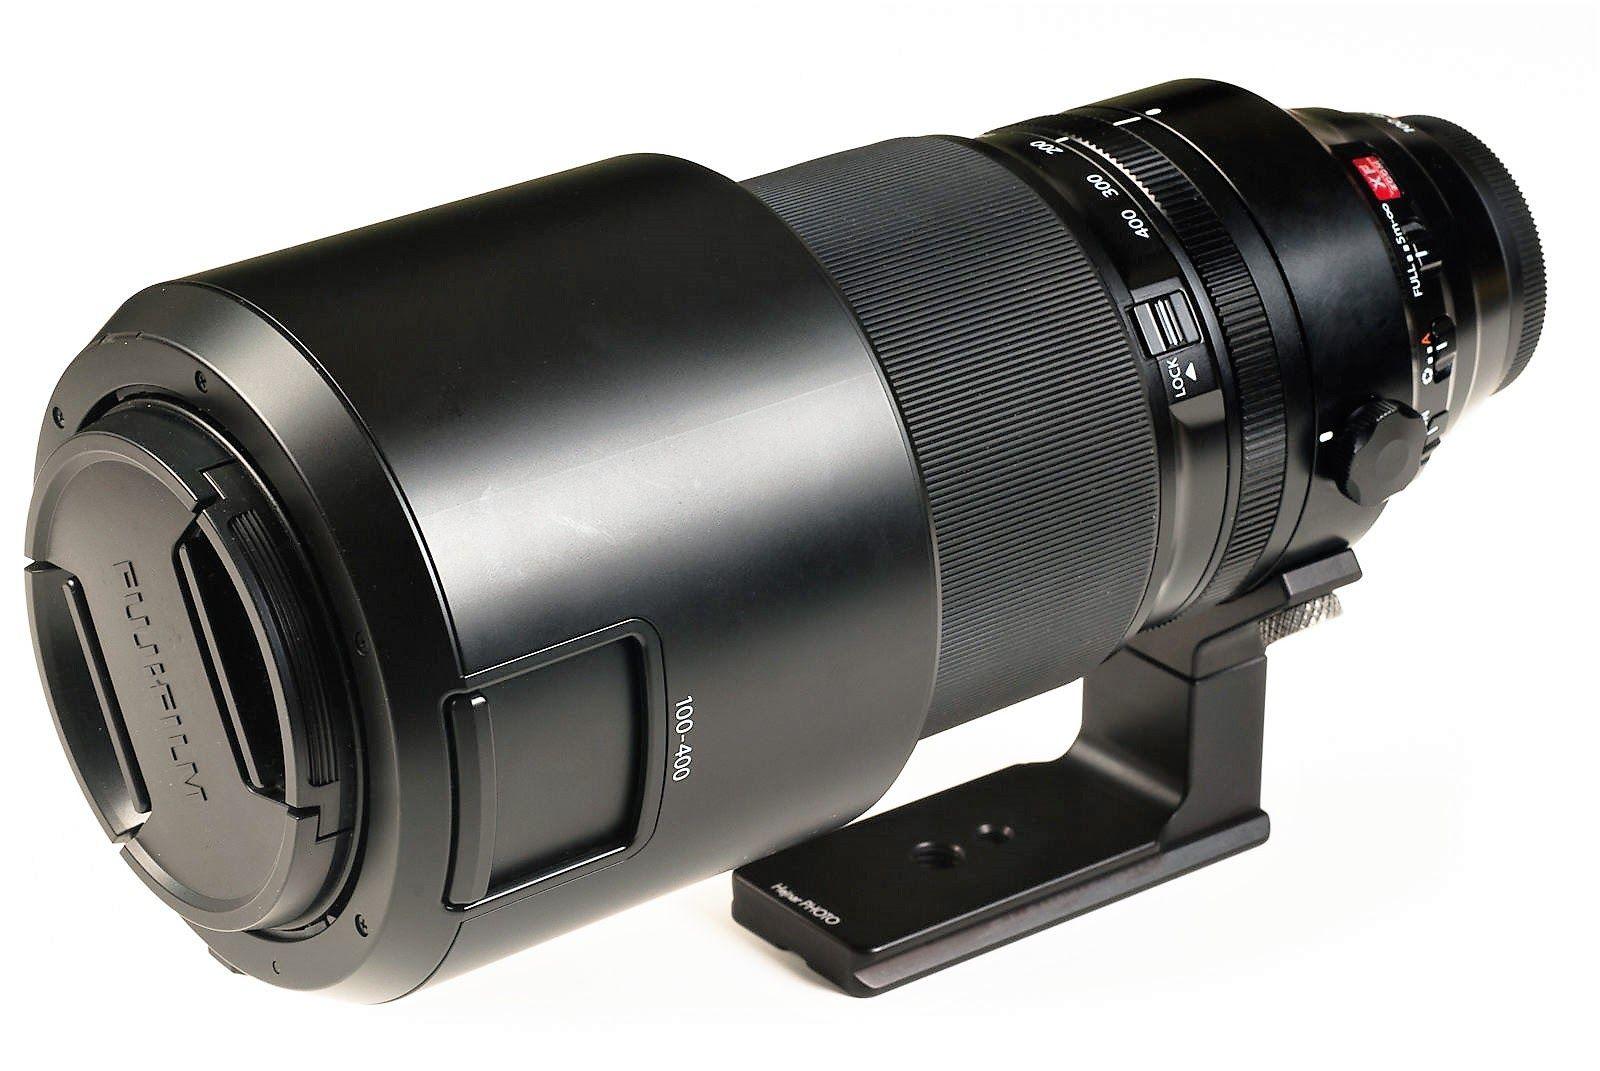 Replacement Foot For Fuji Xf 100 400mm F4 5 5 6 R From Hejnar Photo Fuji Fuji Xt4 Photo Gear